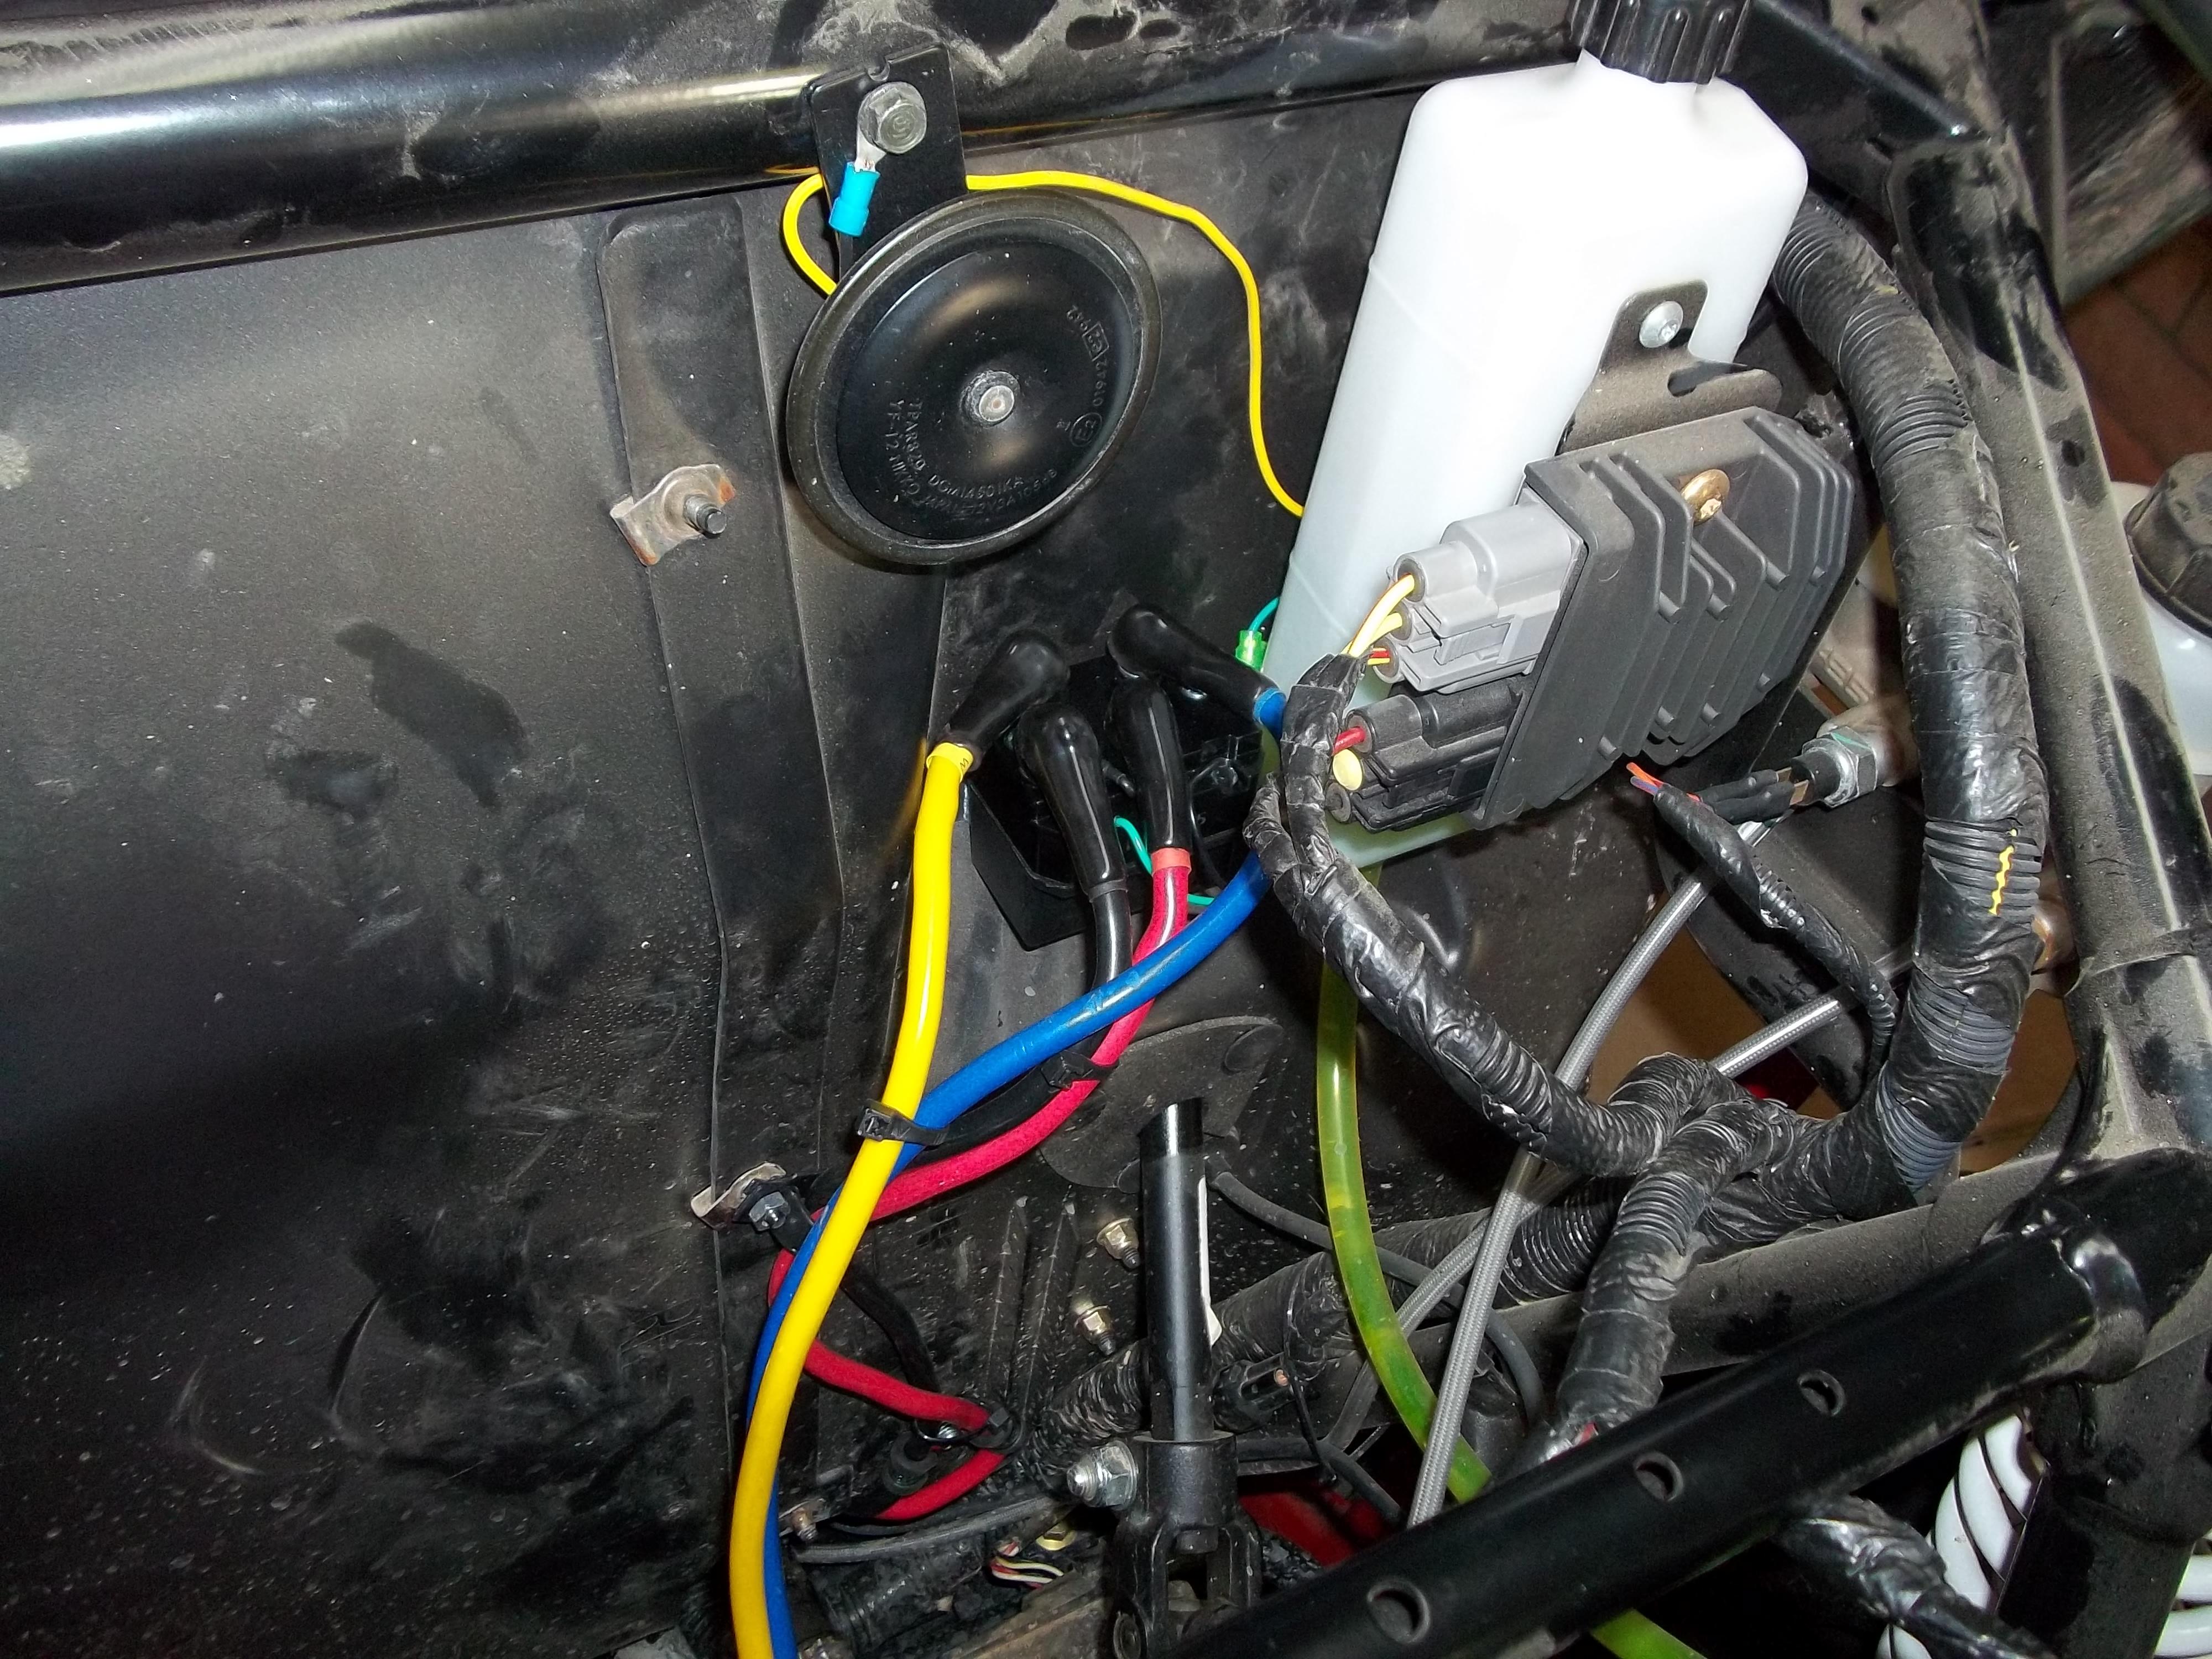 badland winch wire diagram badlands 5000lbs winch installation review wildcat forum badland 5000 winch wiring diagram badlands 5000lbs winch installation